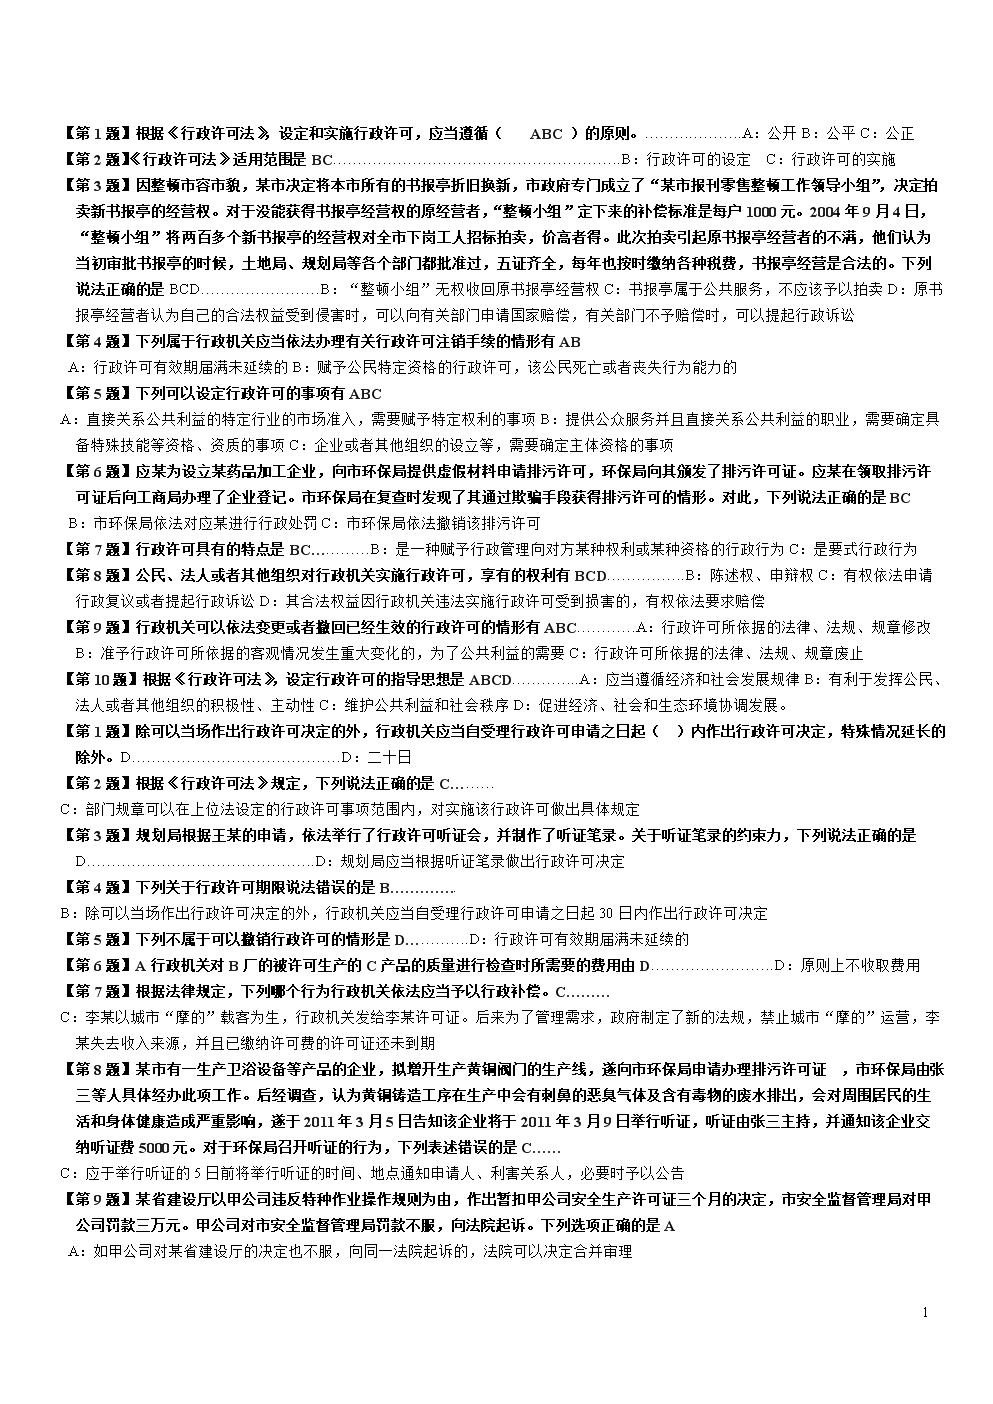 广东省公职人员国家普法复习考试555_new教学诸向阳作文教案评价图片